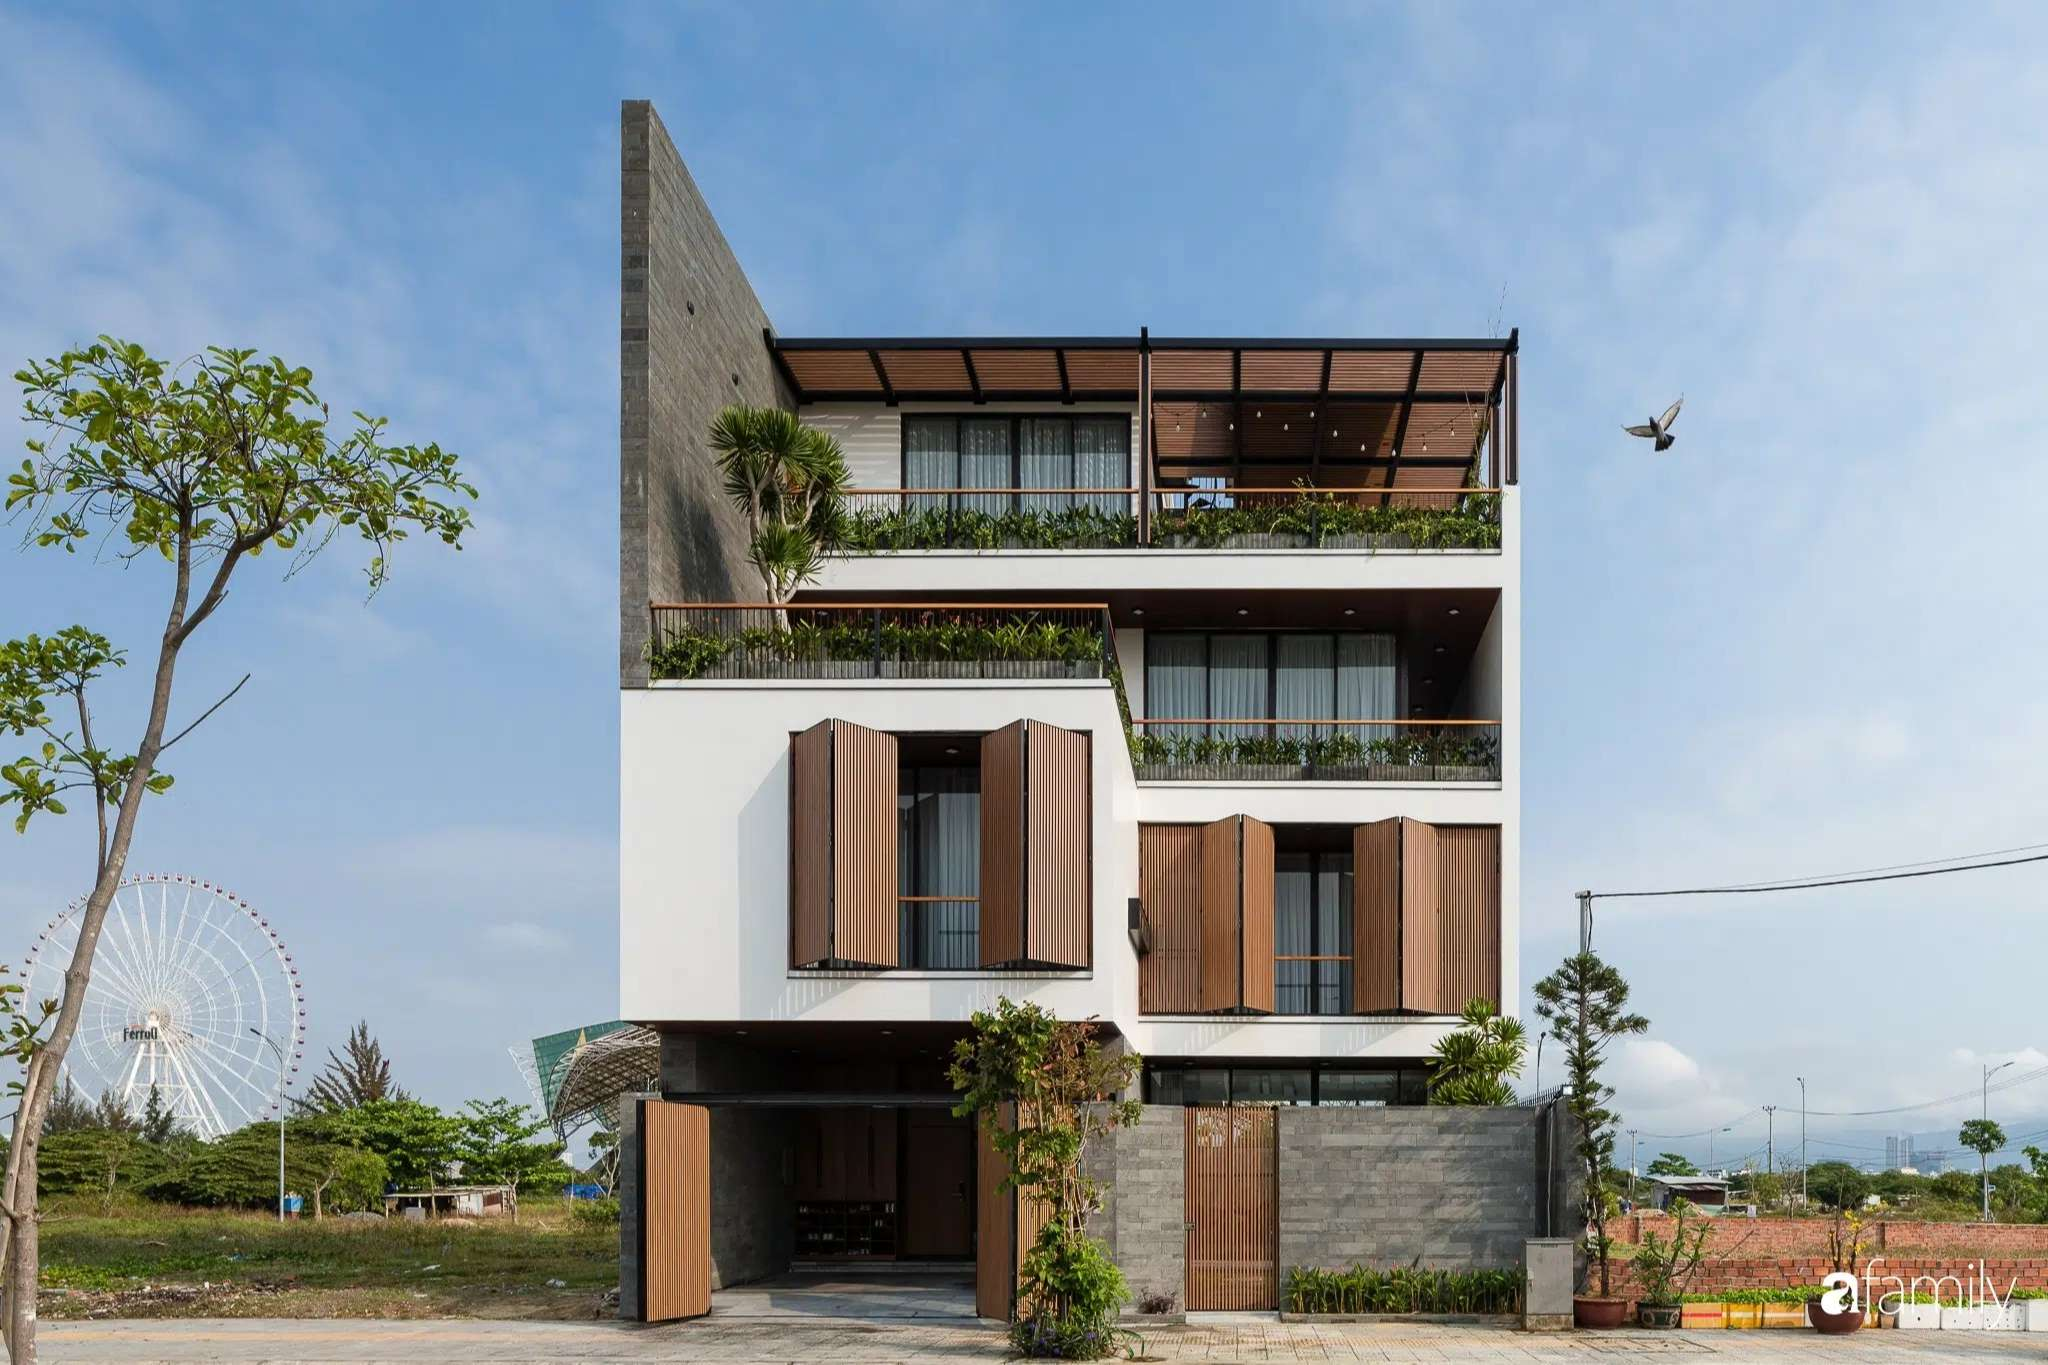 Ngôi nhà với đủ không gian sân vườn xanh mát cùng nội thất tiện nghi dành cho gia đình 3 thế hệ ở Đà Nẵng - Ảnh 1.